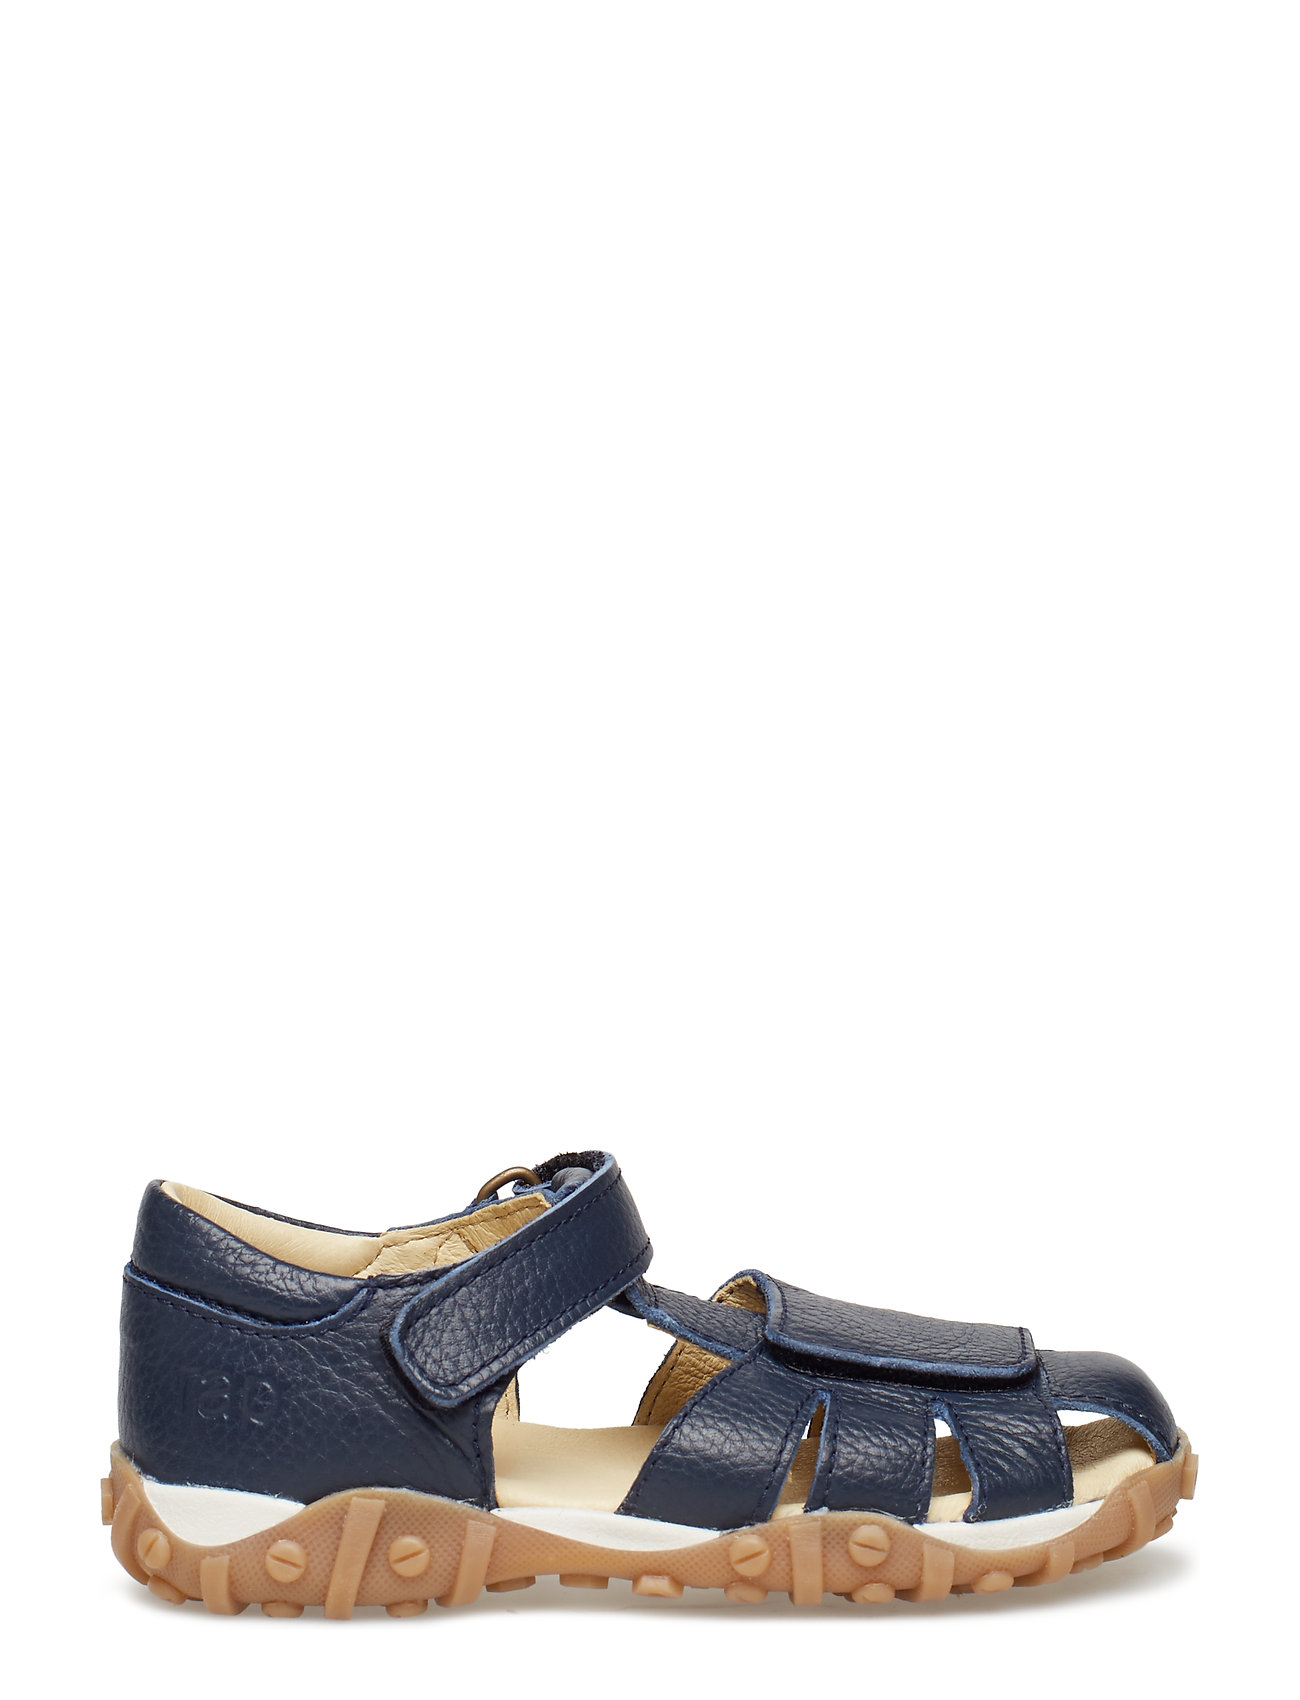 67166d0f245a Hand Made Sandal sandaler fra Arauto RAP til børn i T1-ARMY GREEN ...